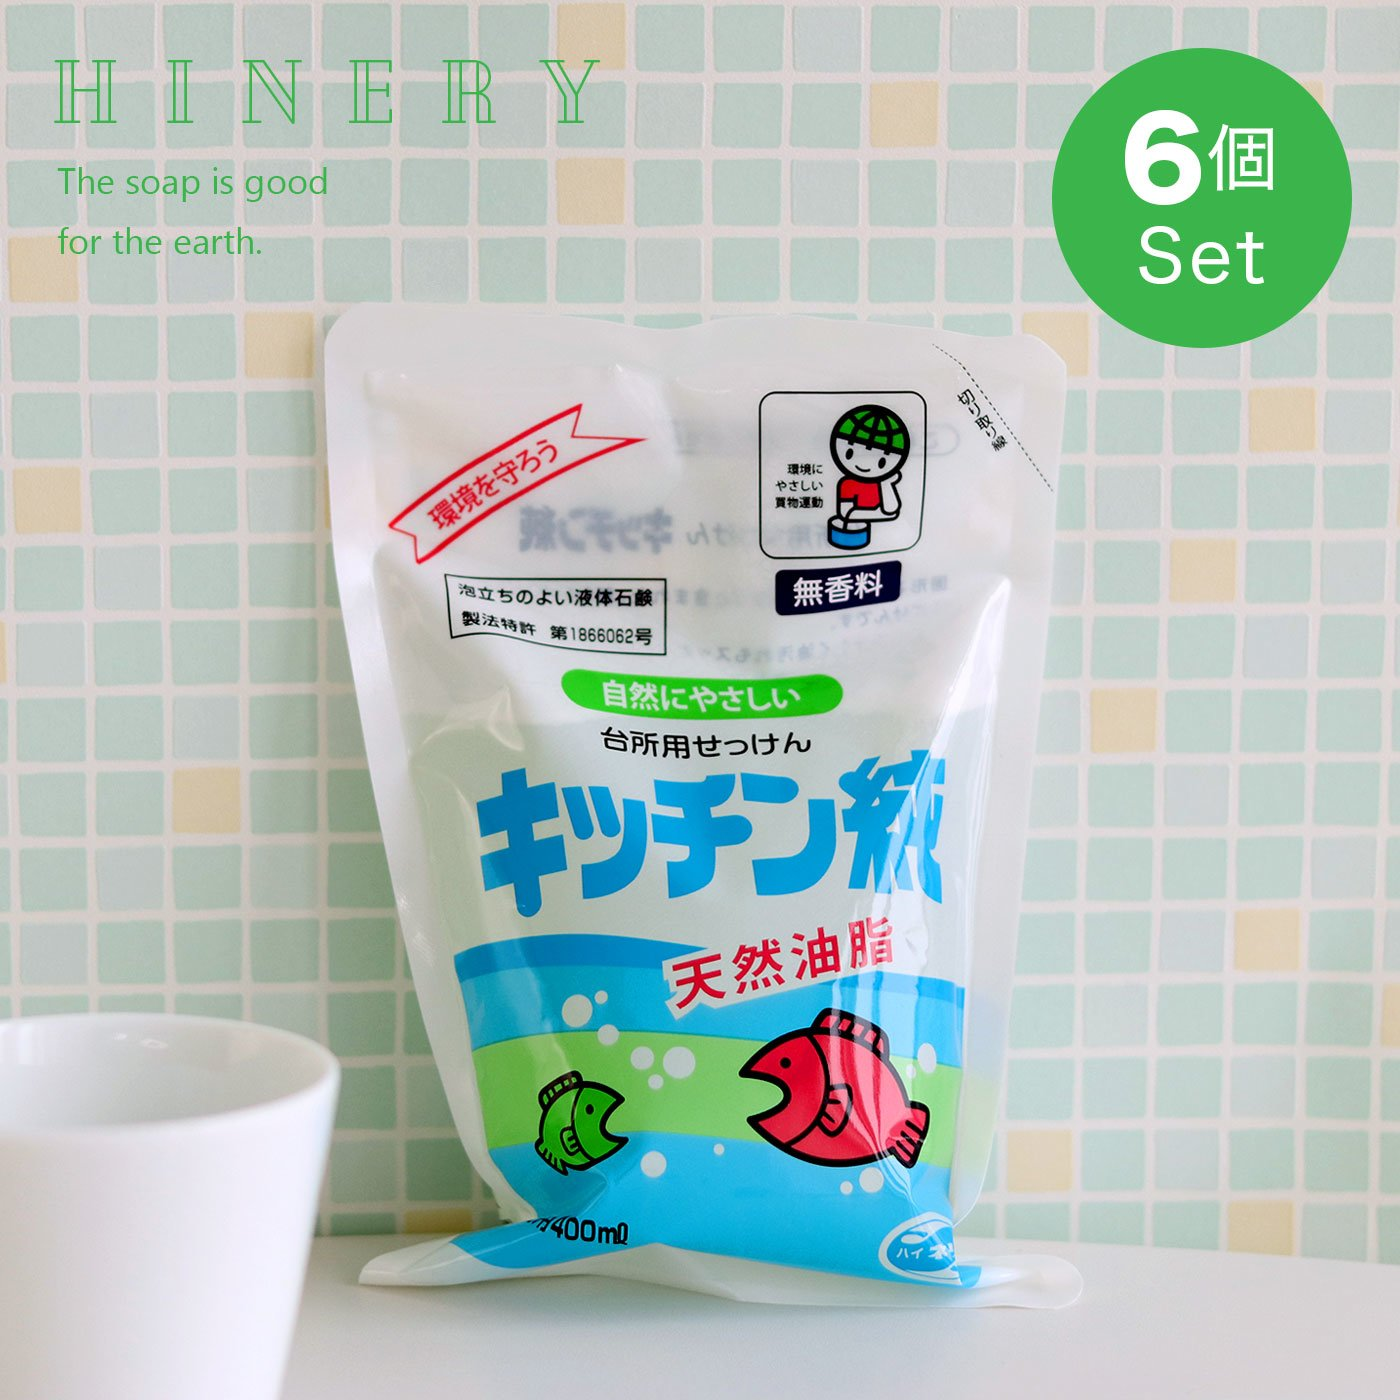 台所用石けん キッチン純 詰替用 6袋入